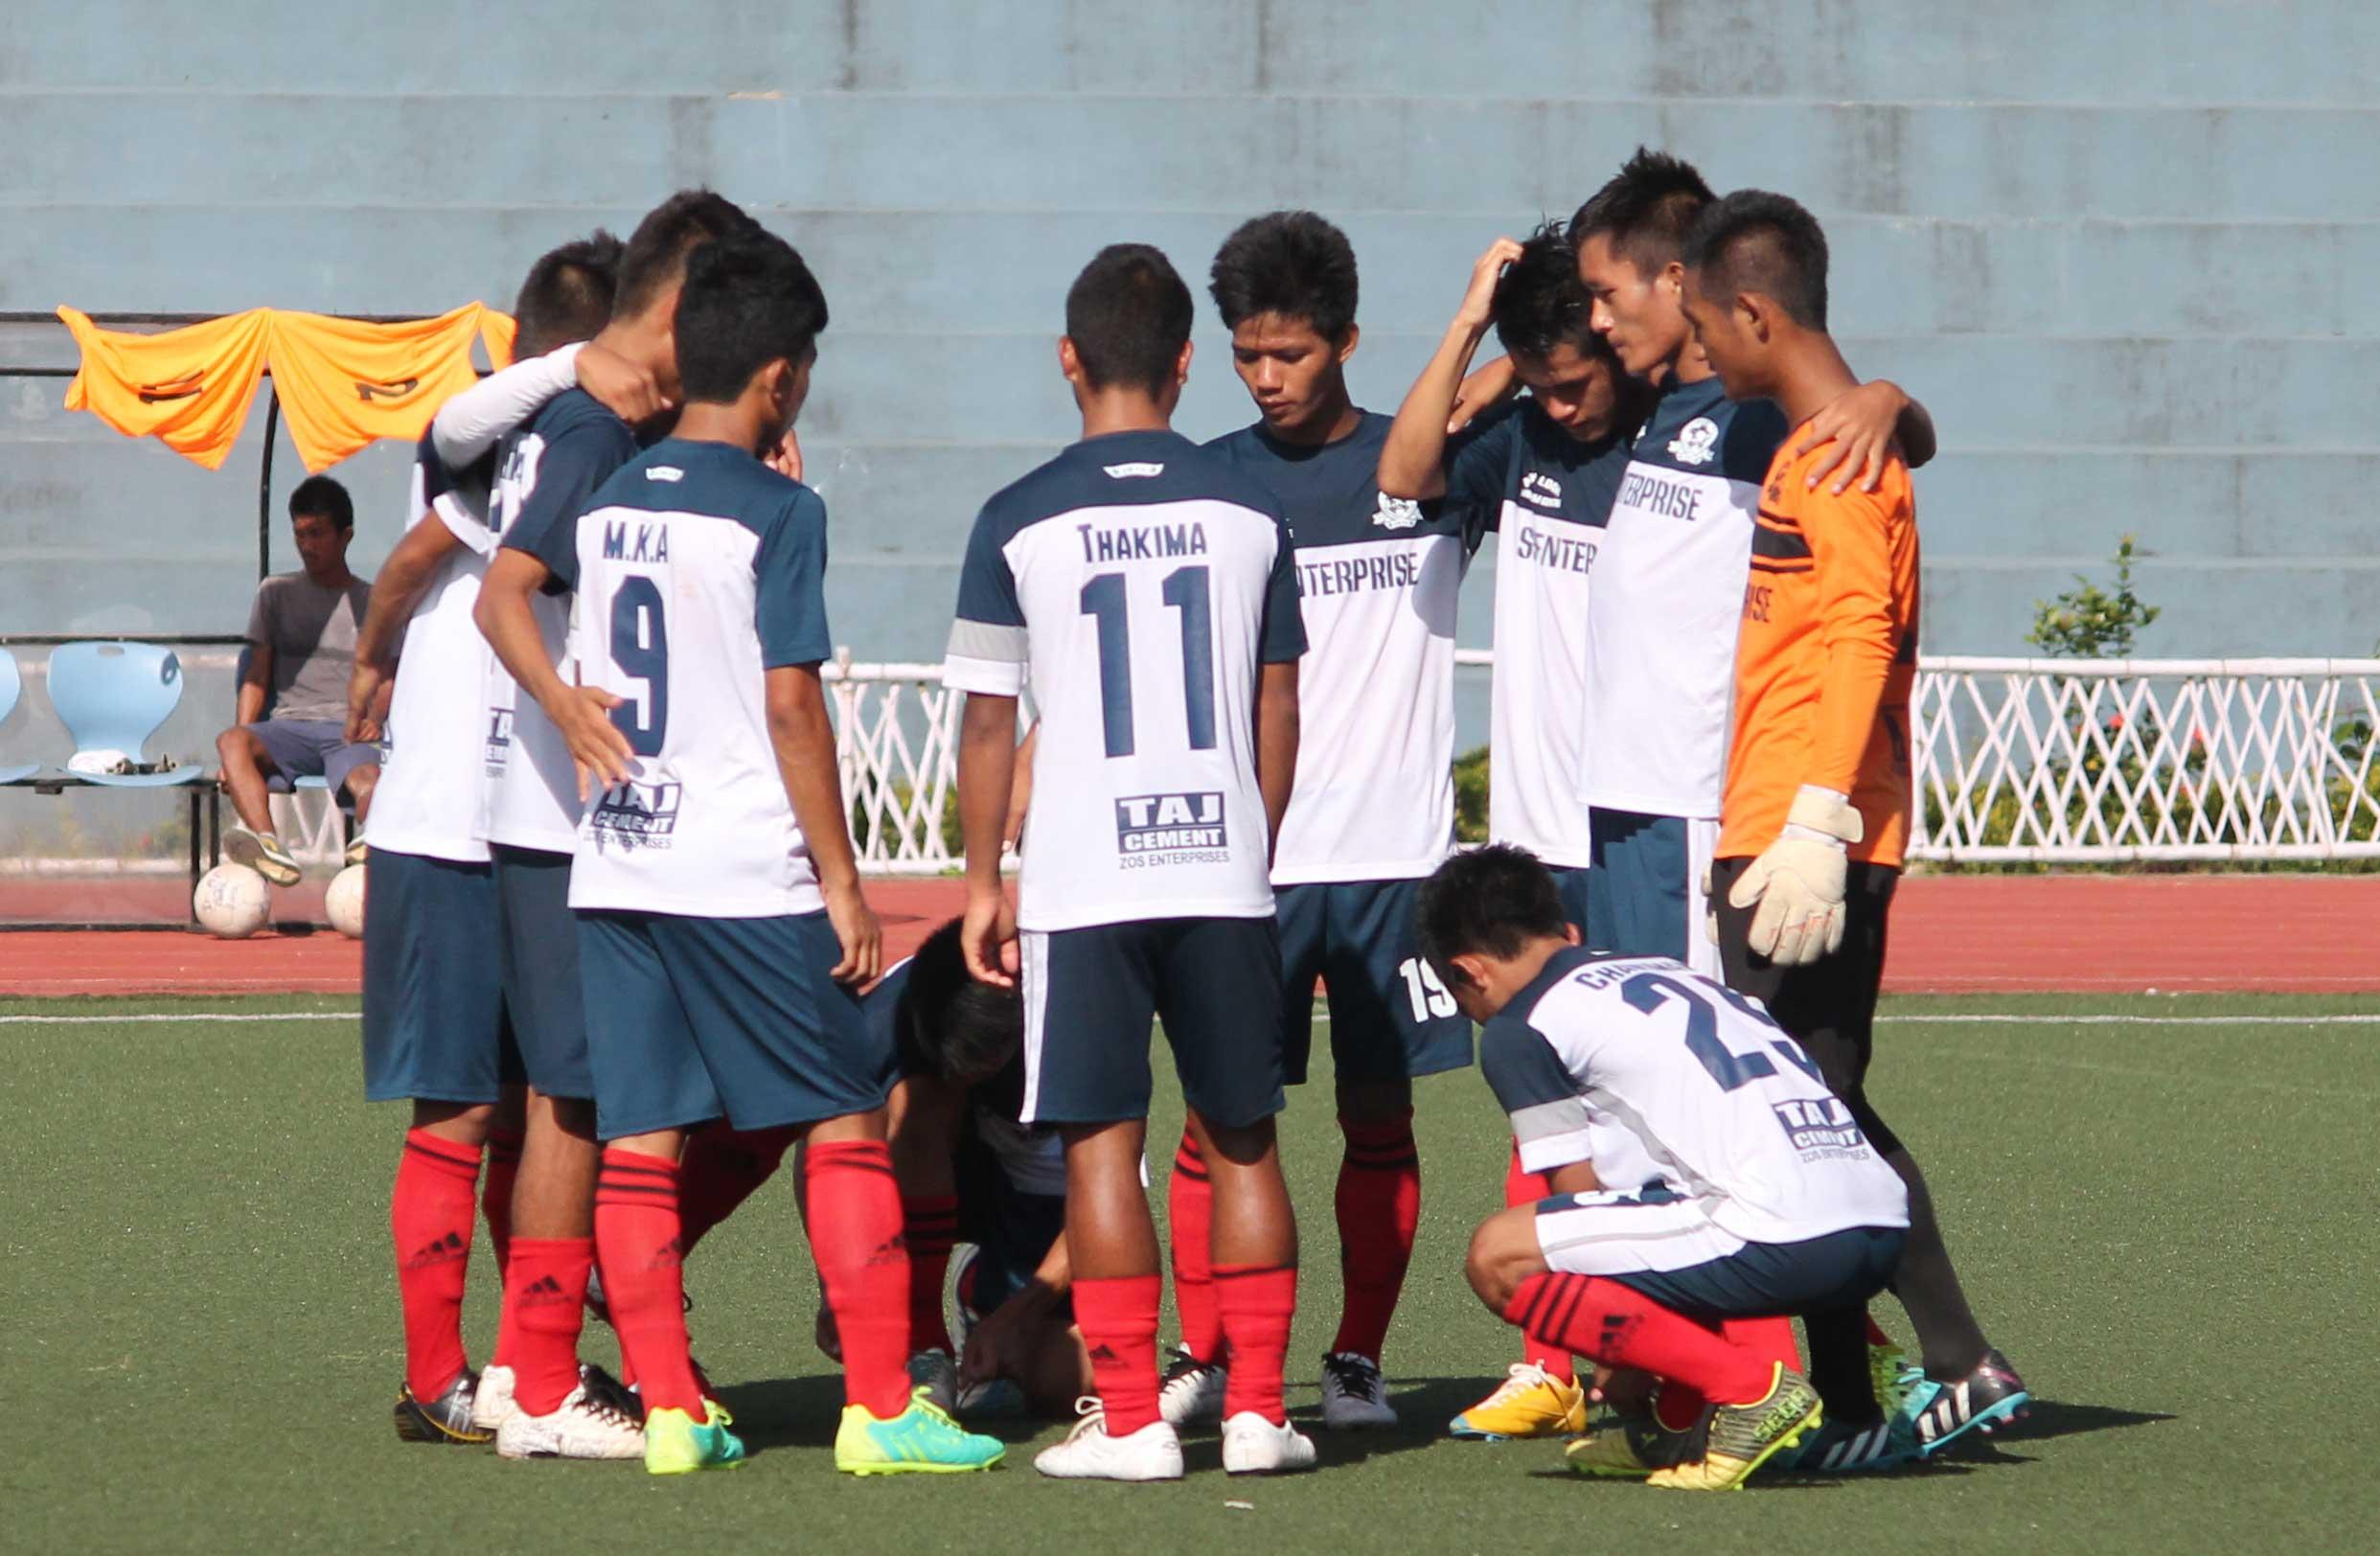 Zaninah MPL U18 Final